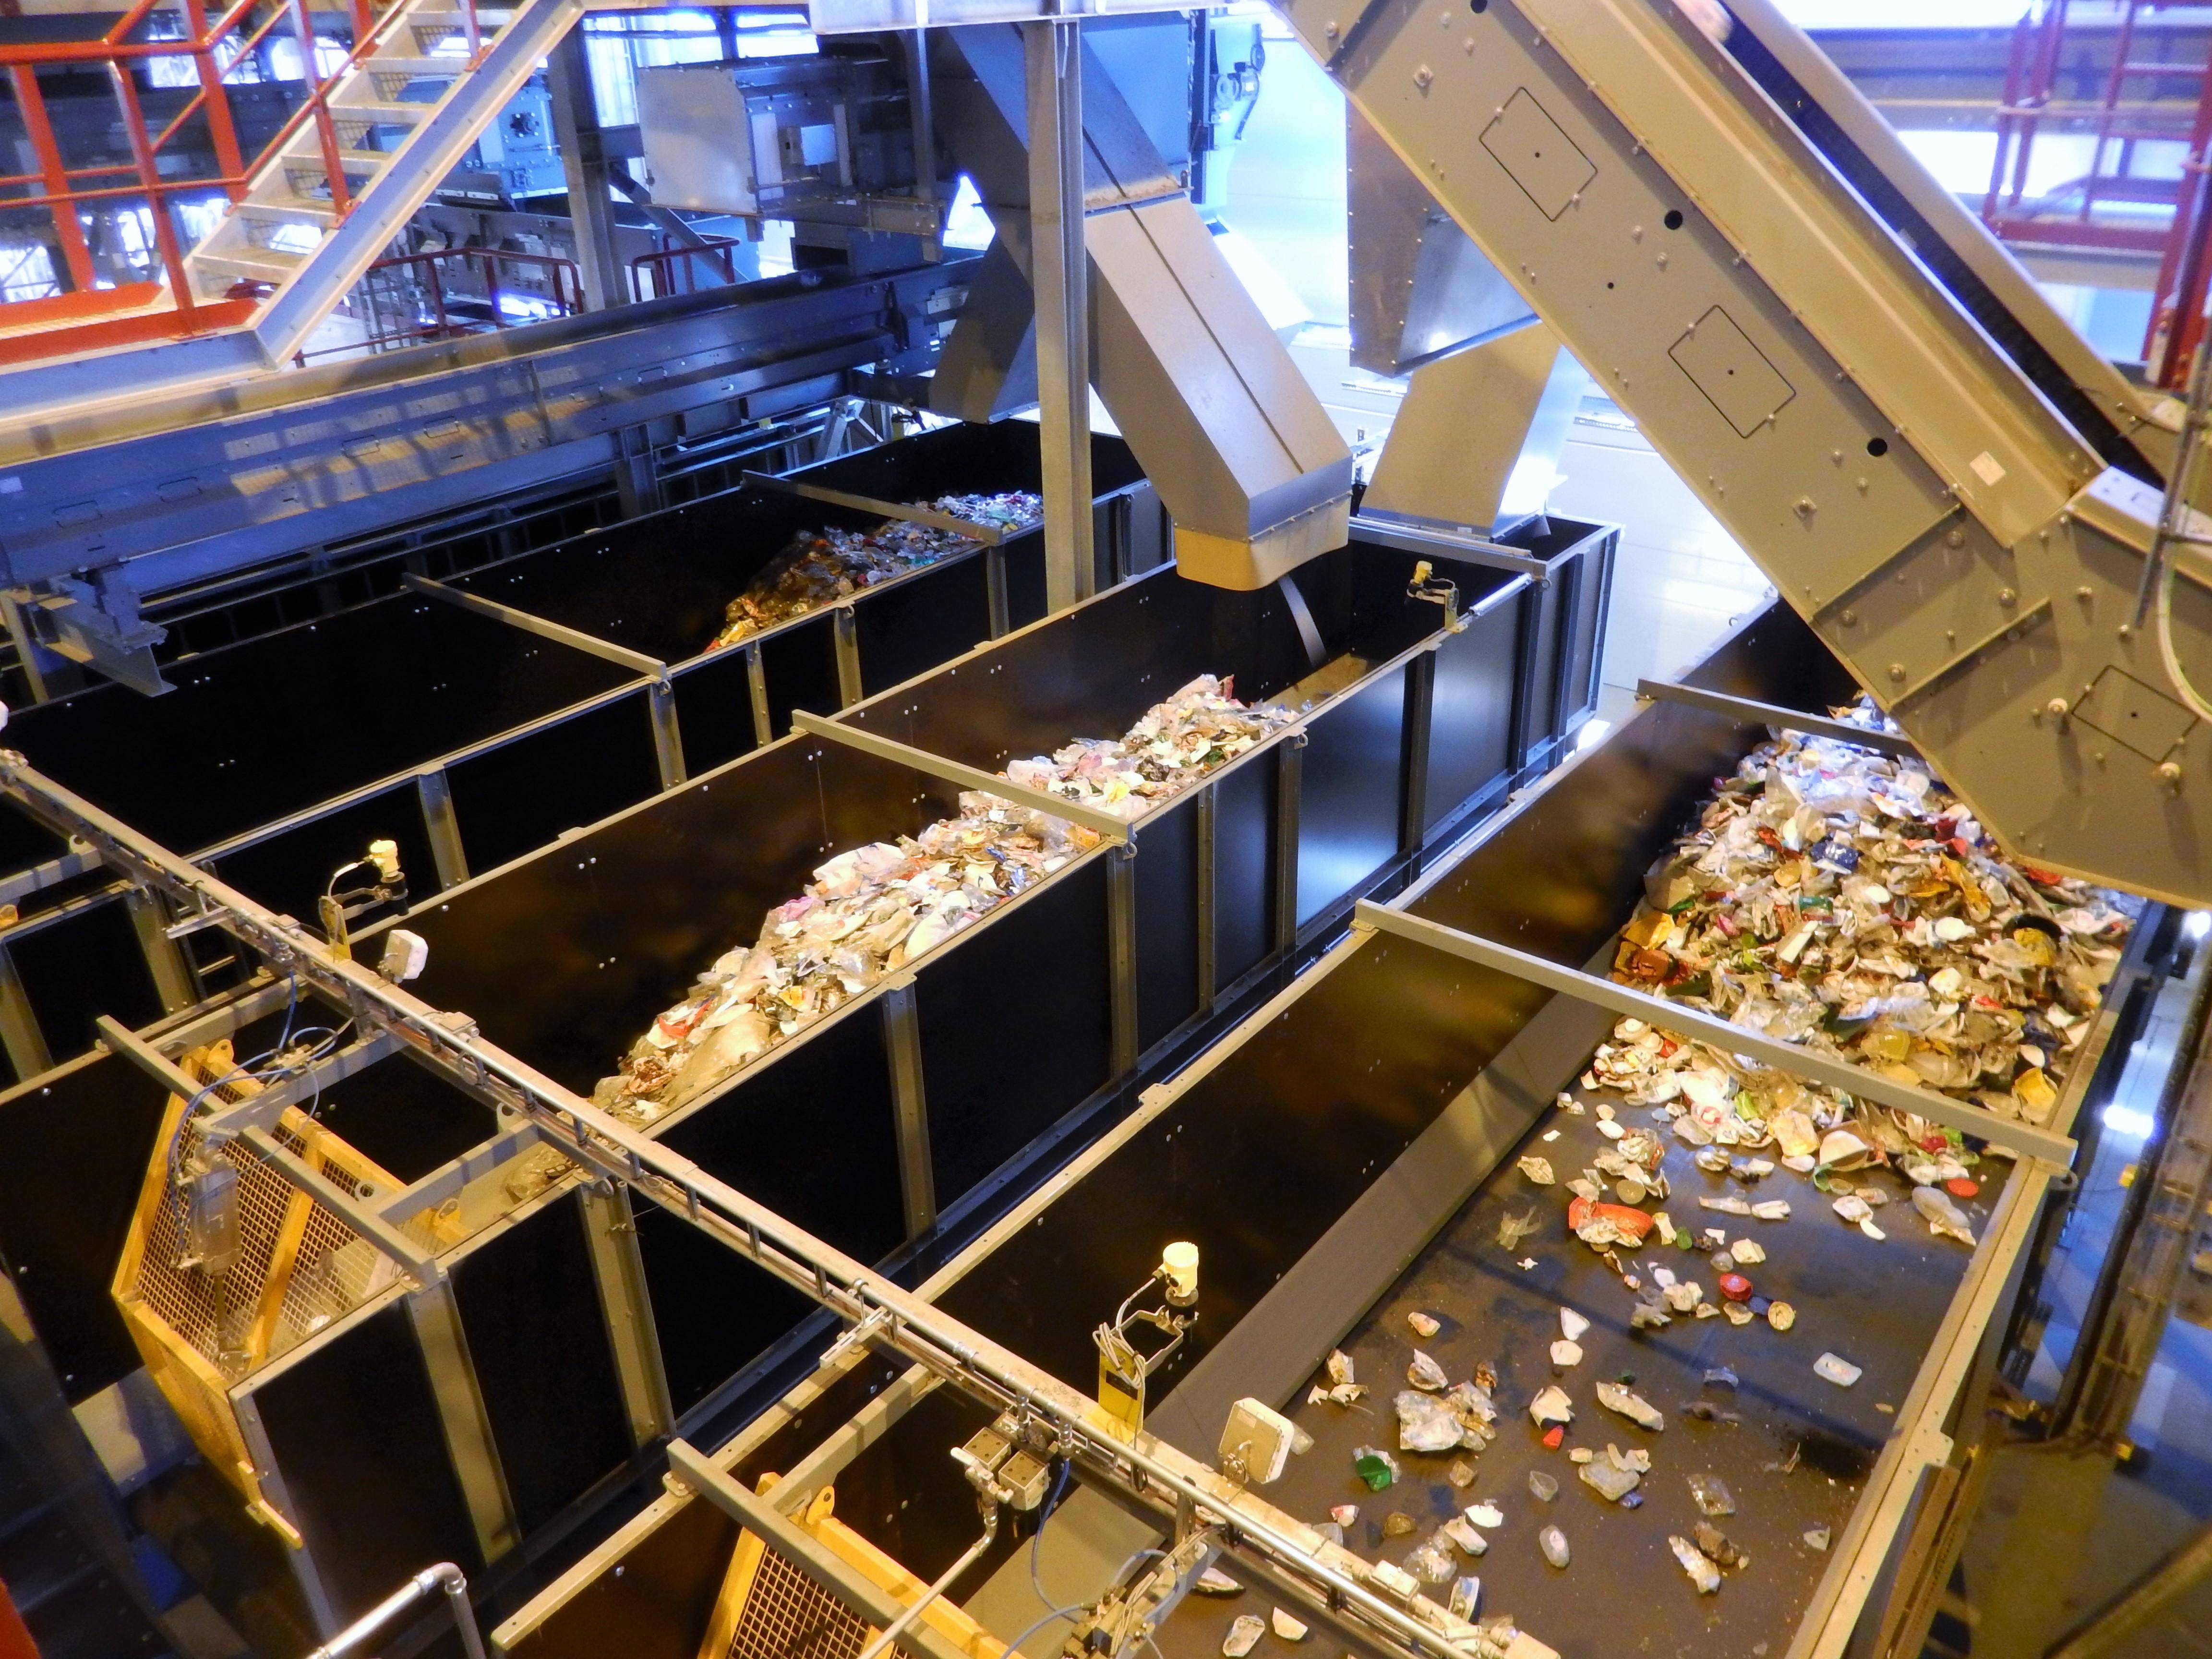 HSY:n keräämä muovijäte päätyy Fortumin muovijalostuslaitokselle Riihimäelle. (Kuva: Markku Vento)